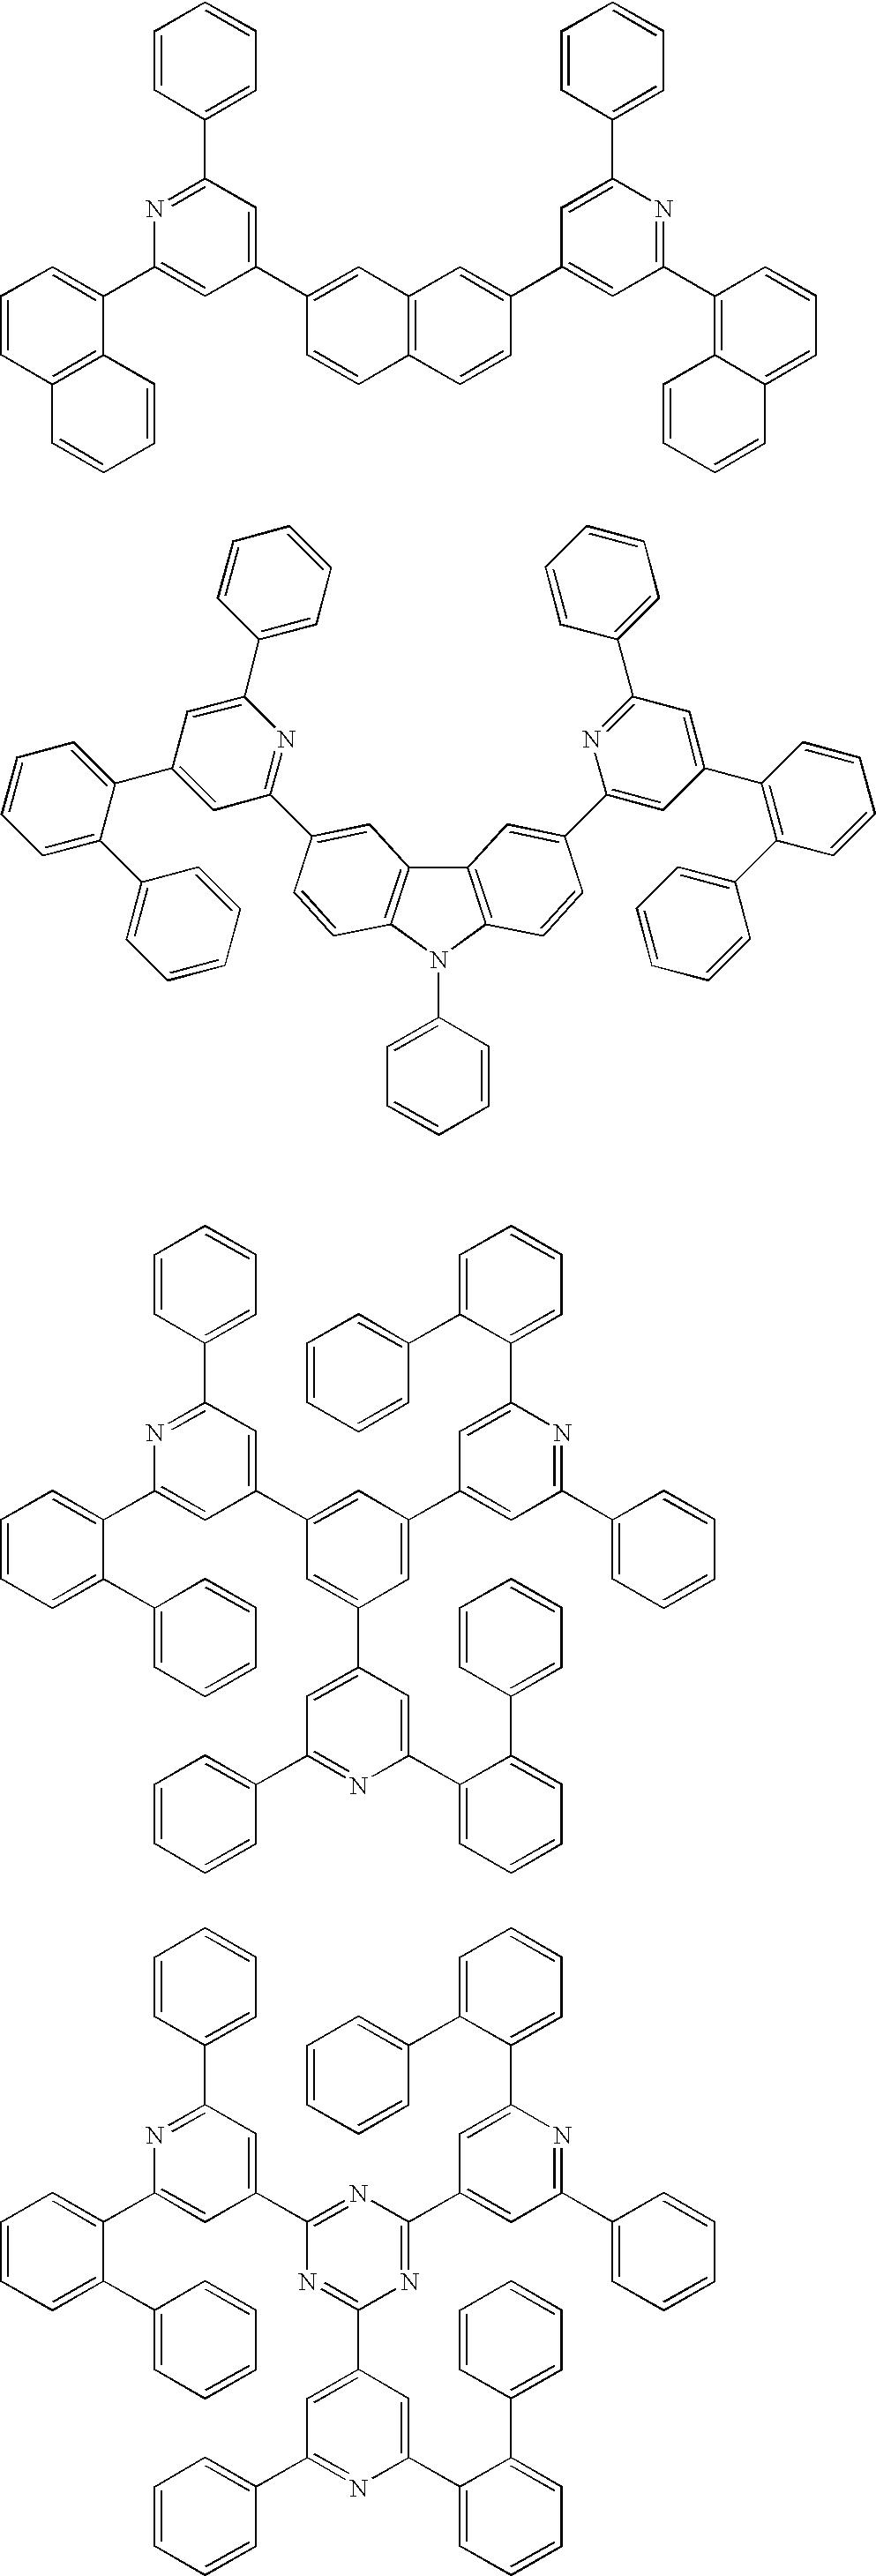 Figure US20060186796A1-20060824-C00099